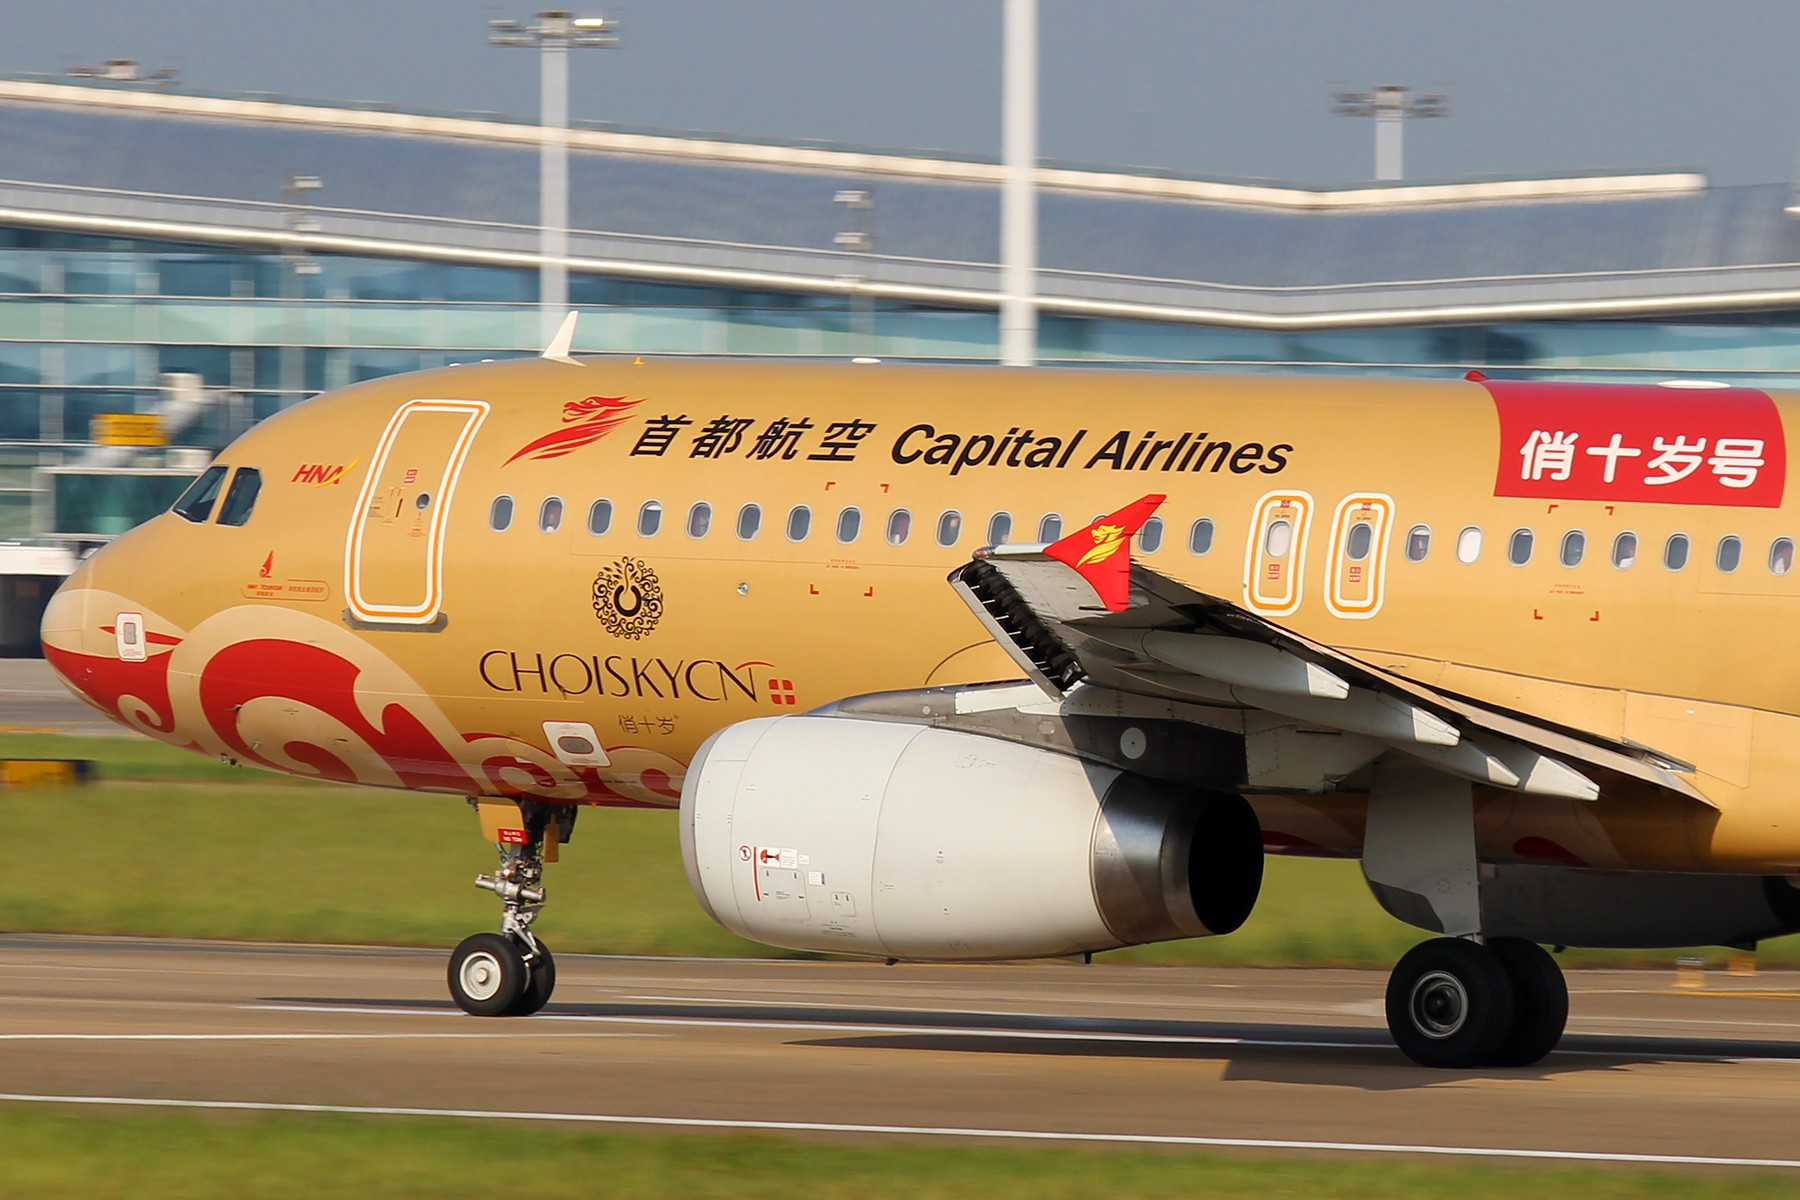 Re:[原创]【南昌飞友会】【1800*1200】金色机身需要金色阳光的滋润:首都航空俏十岁彩绘 AIRBUS A320-200 B-6709 中国南昌昌北国际机场